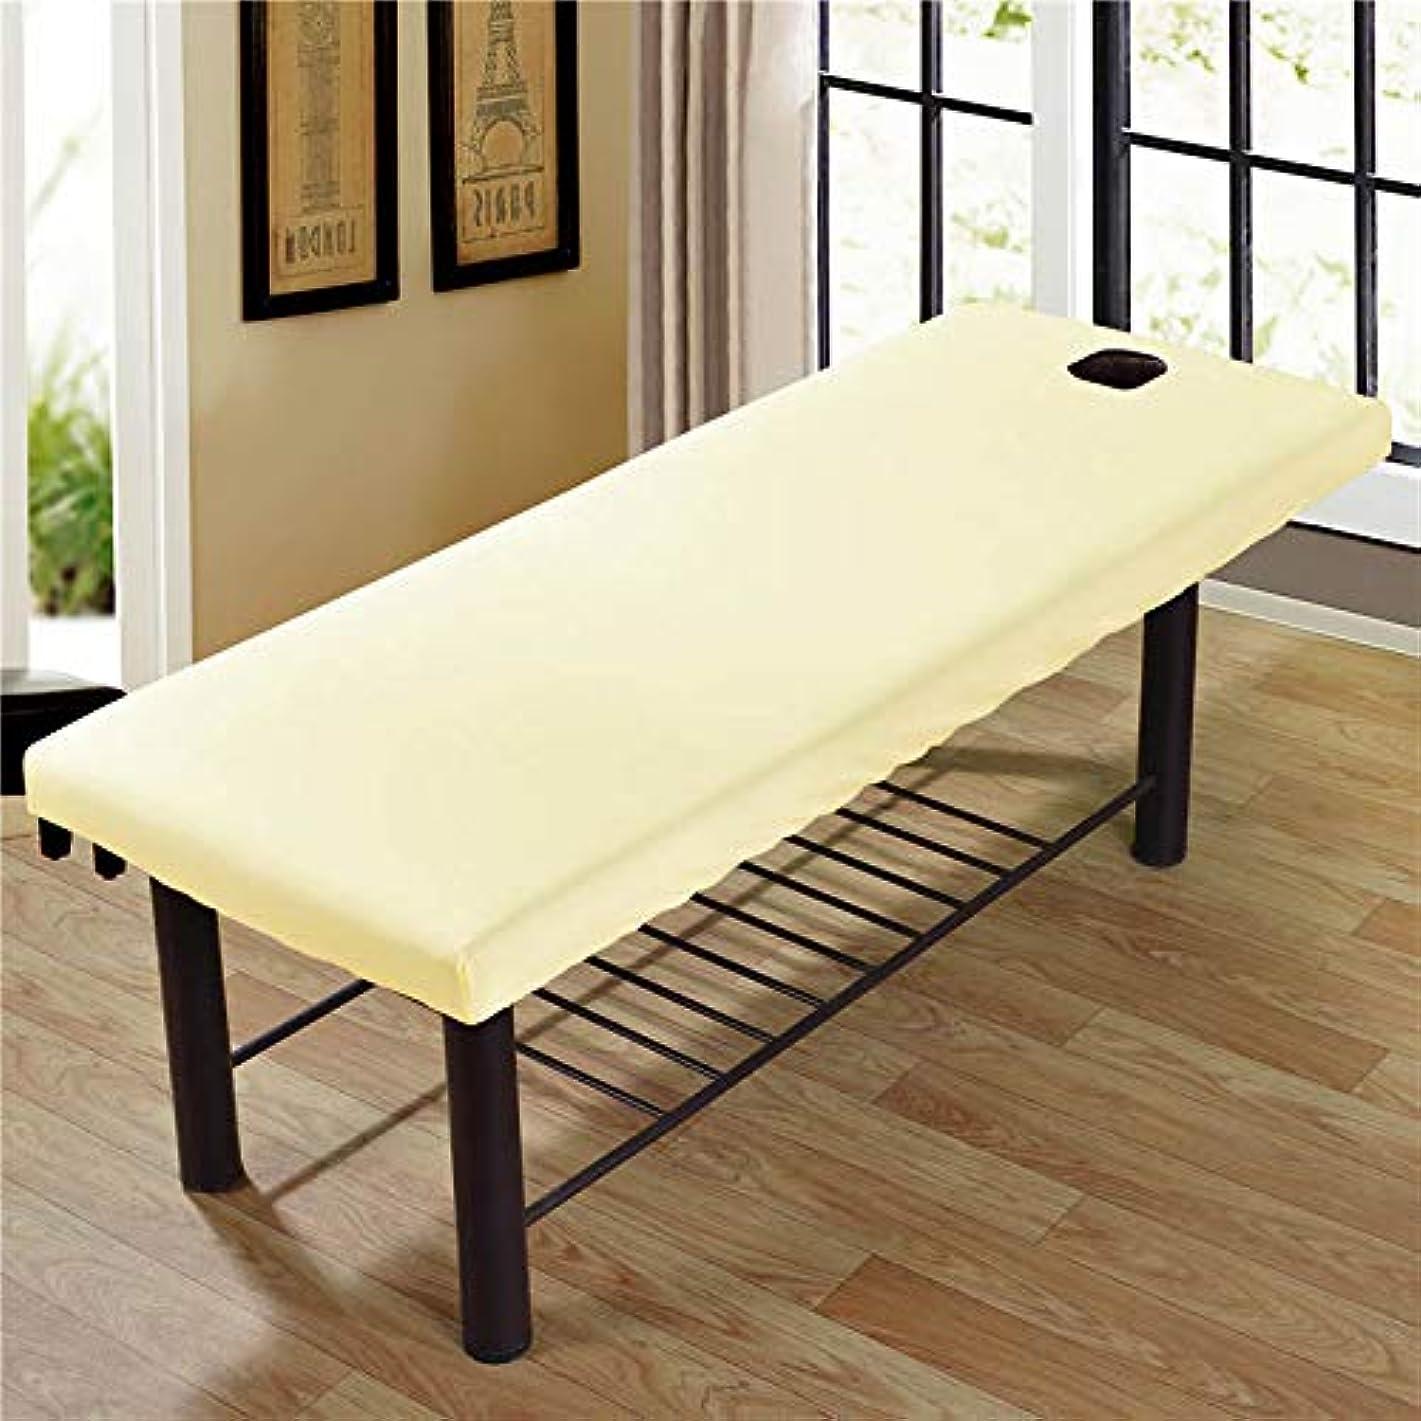 設計図別々に飢饉Tenflyer 美容院のマッサージ療法のベッドのための柔らかいSoliod色の長方形のマットレス